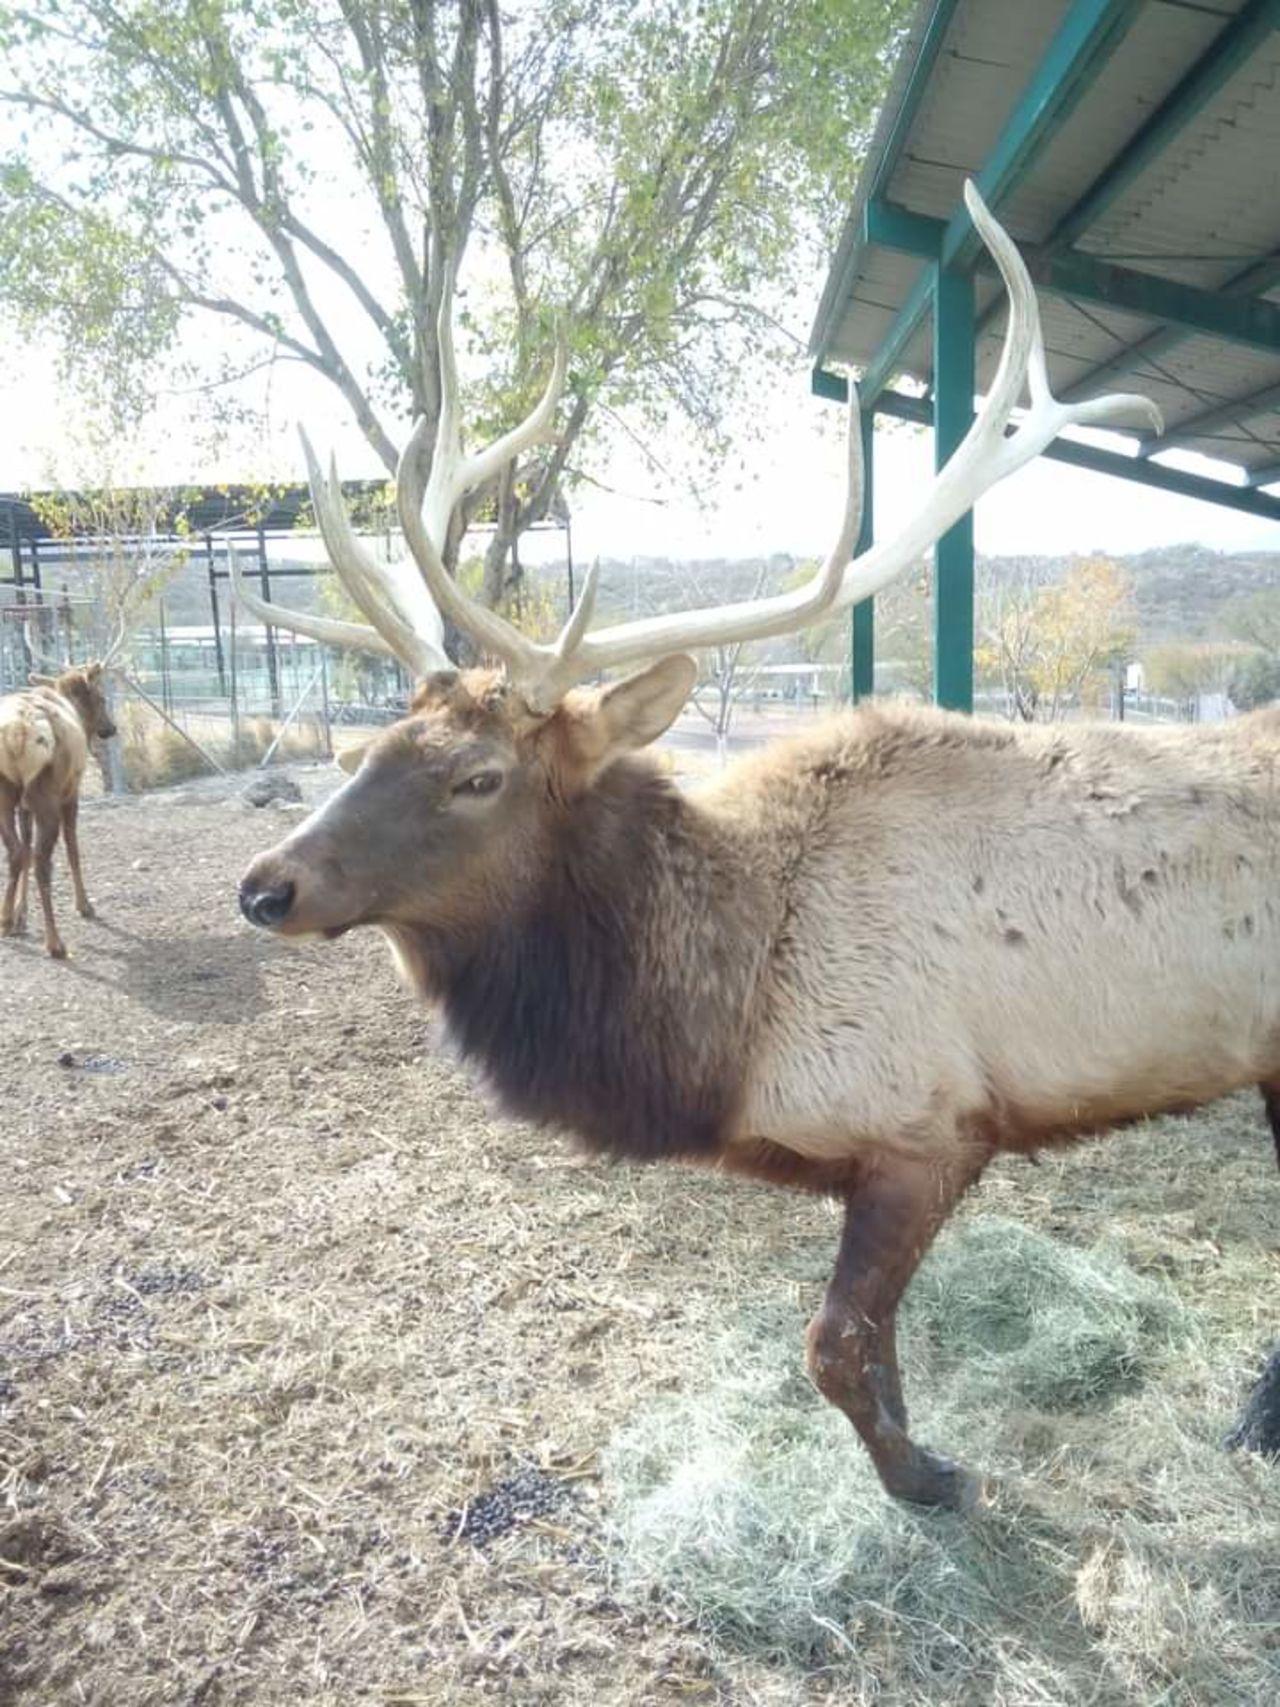 GALERÍA: Abren puertas del Ecoparque Monclova